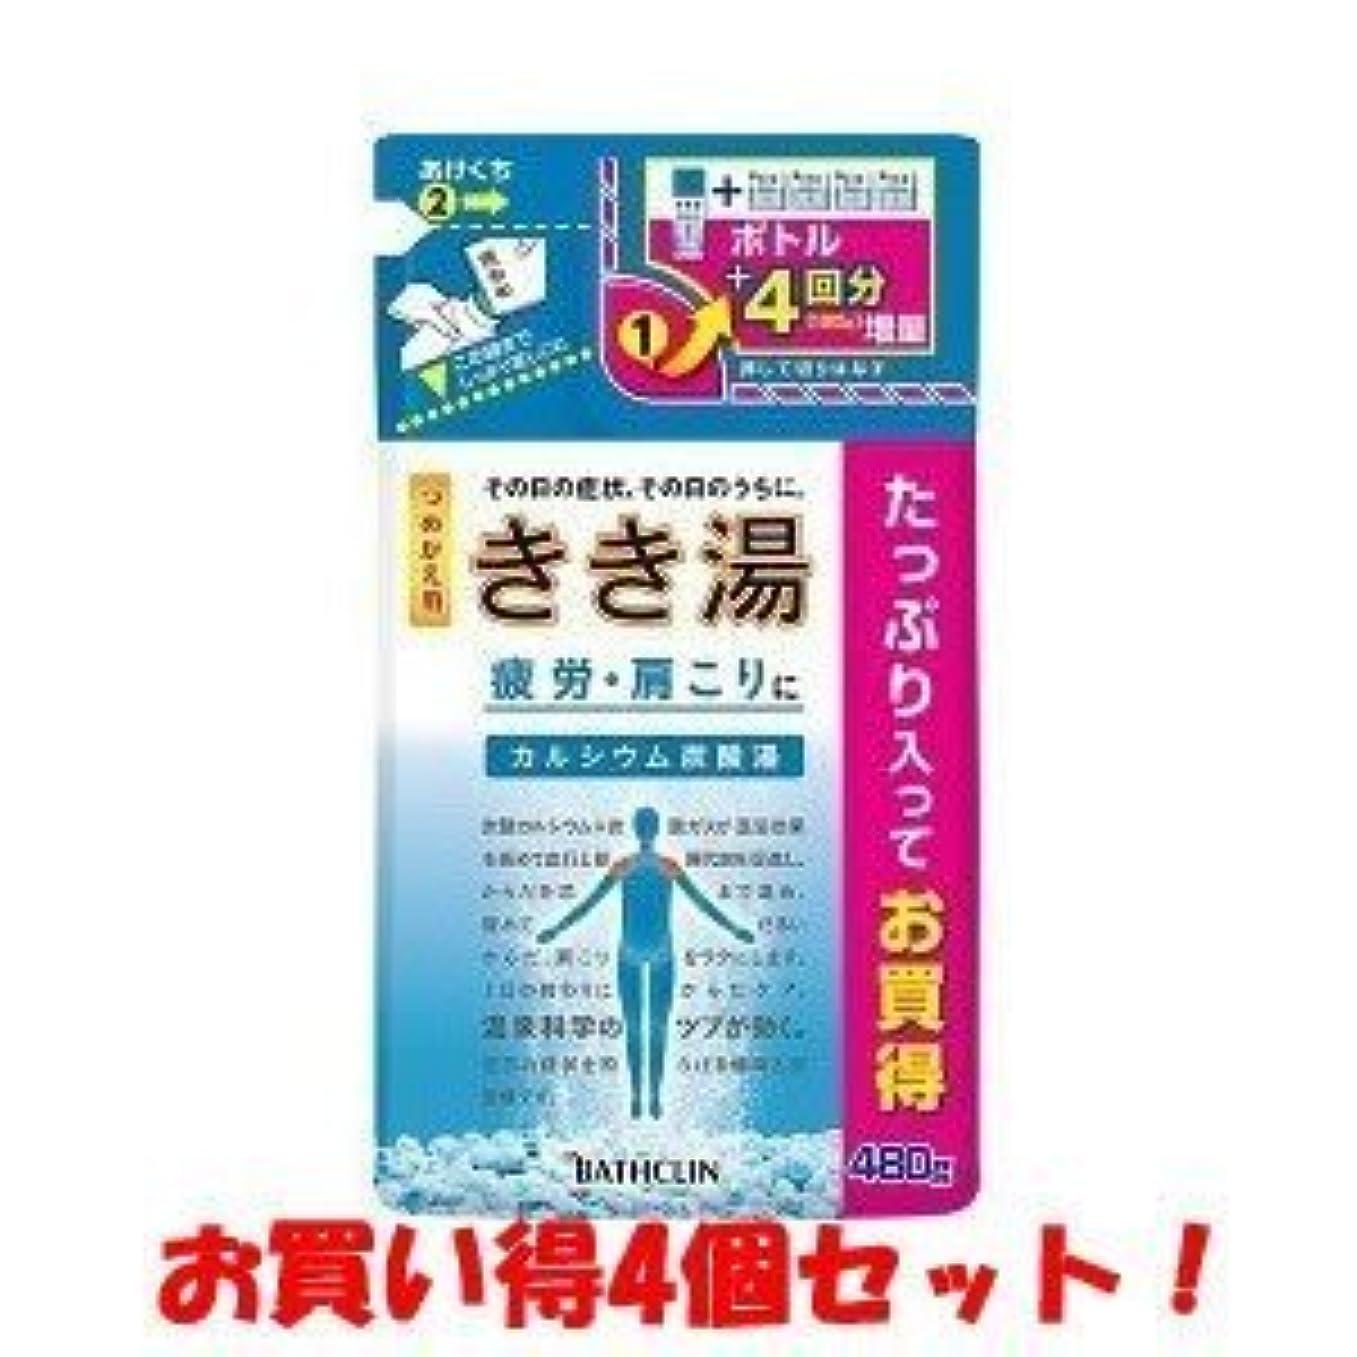 ヒロイン遠いスマッシュ(バスクリン)きき湯 カルシウム炭酸湯 つめかえ用 480g(医薬部外品)(お買い得4個セット)